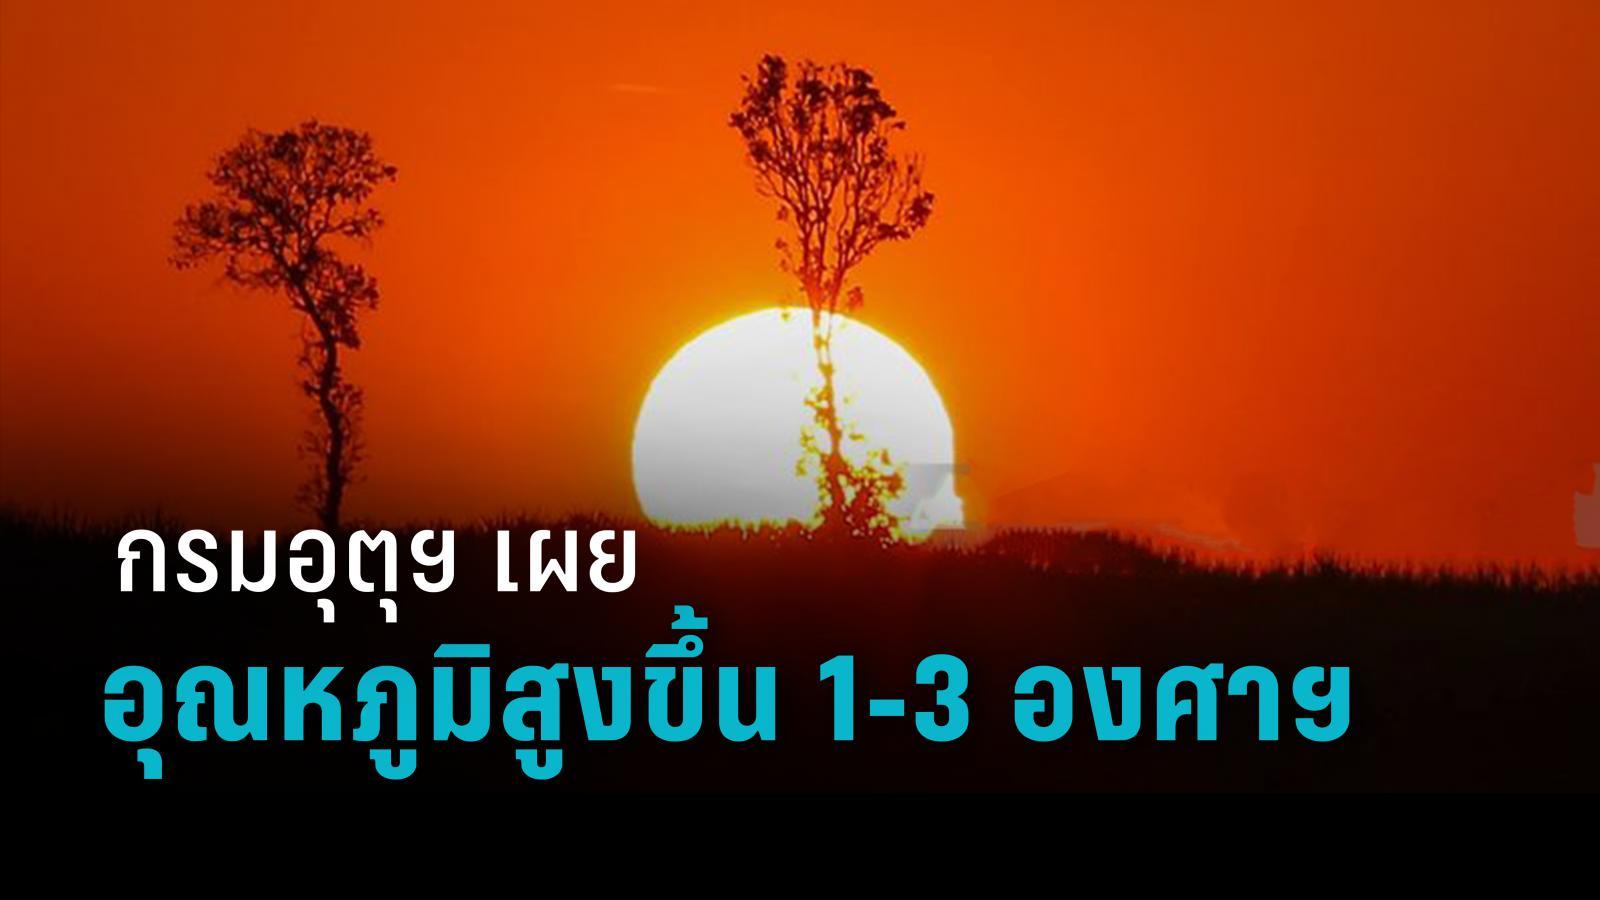 กรมอุตุฯ เผย ทั่วไทยอุณหภูมิสูงขึ้น 1-3 องศาฯ